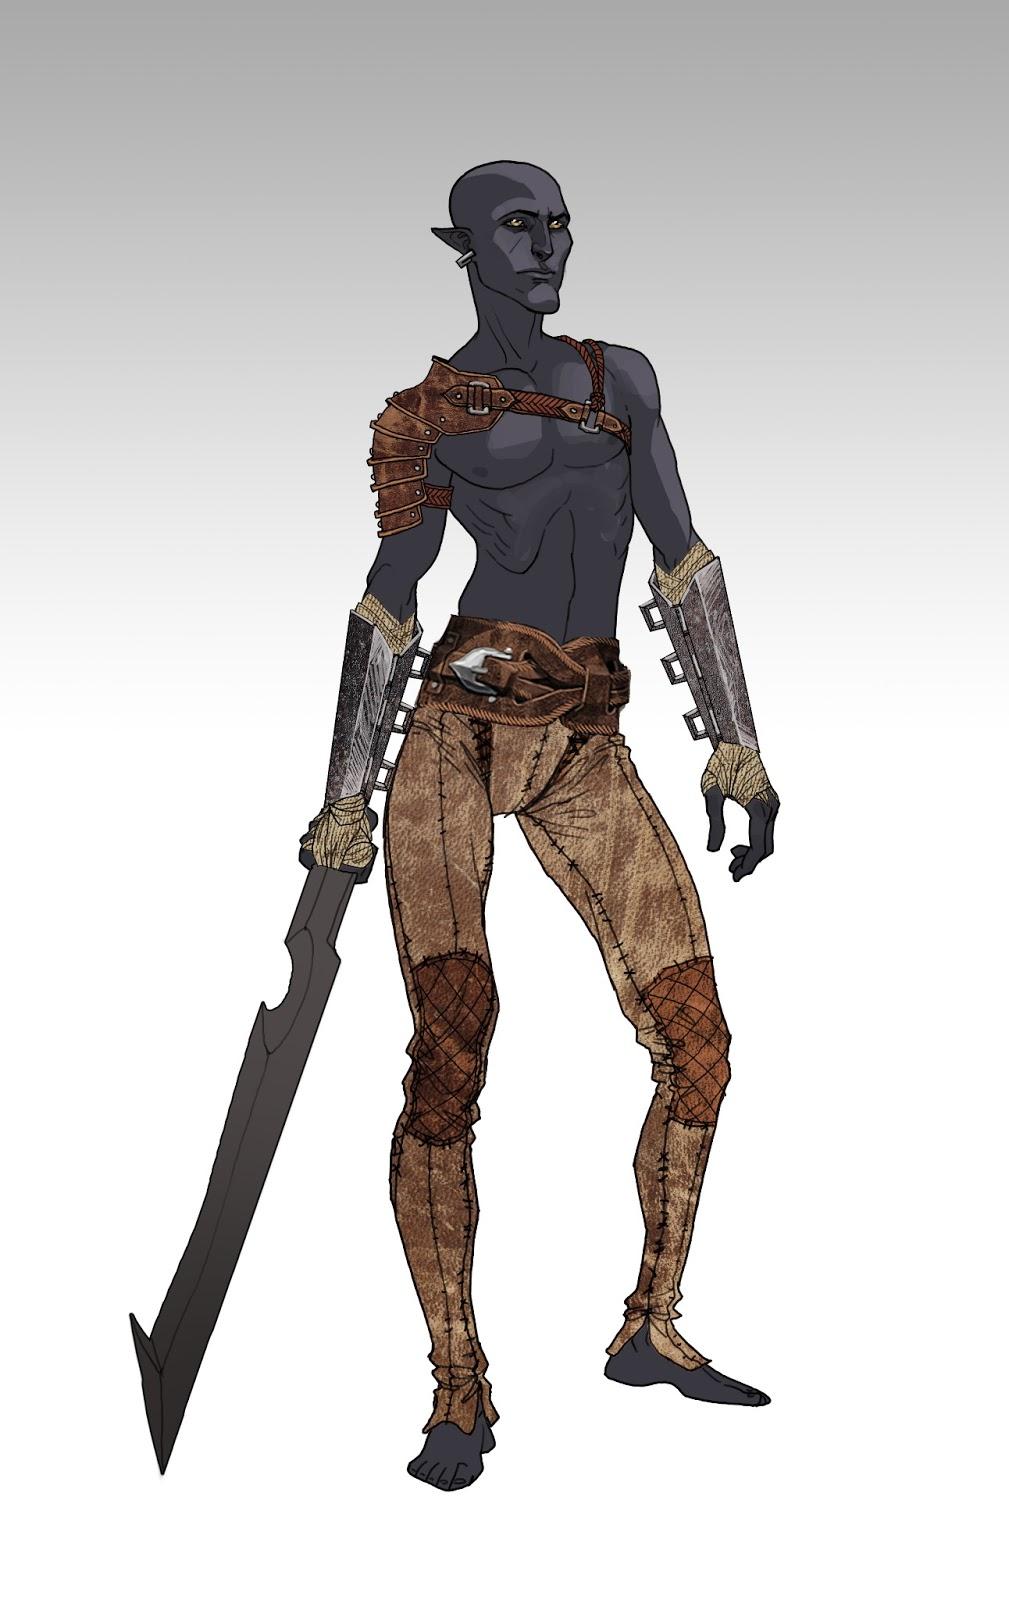 Takhle mohl původně vypadat Mass Effect a Dragon Age 85175